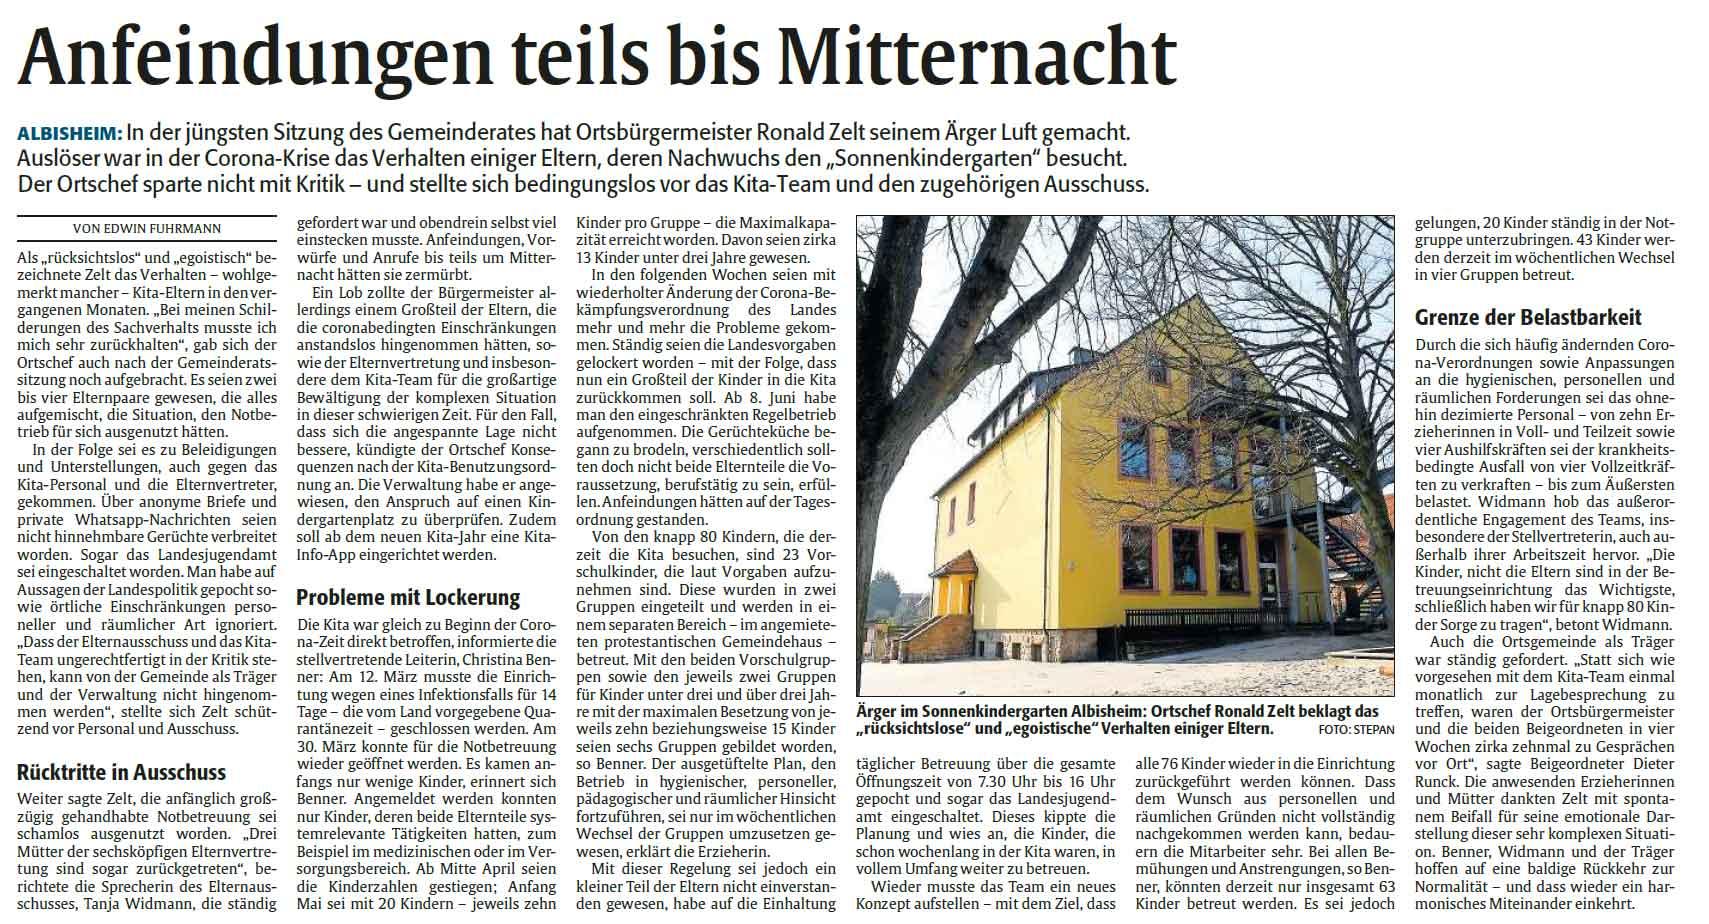 Bericht aus der Rheinpfalz